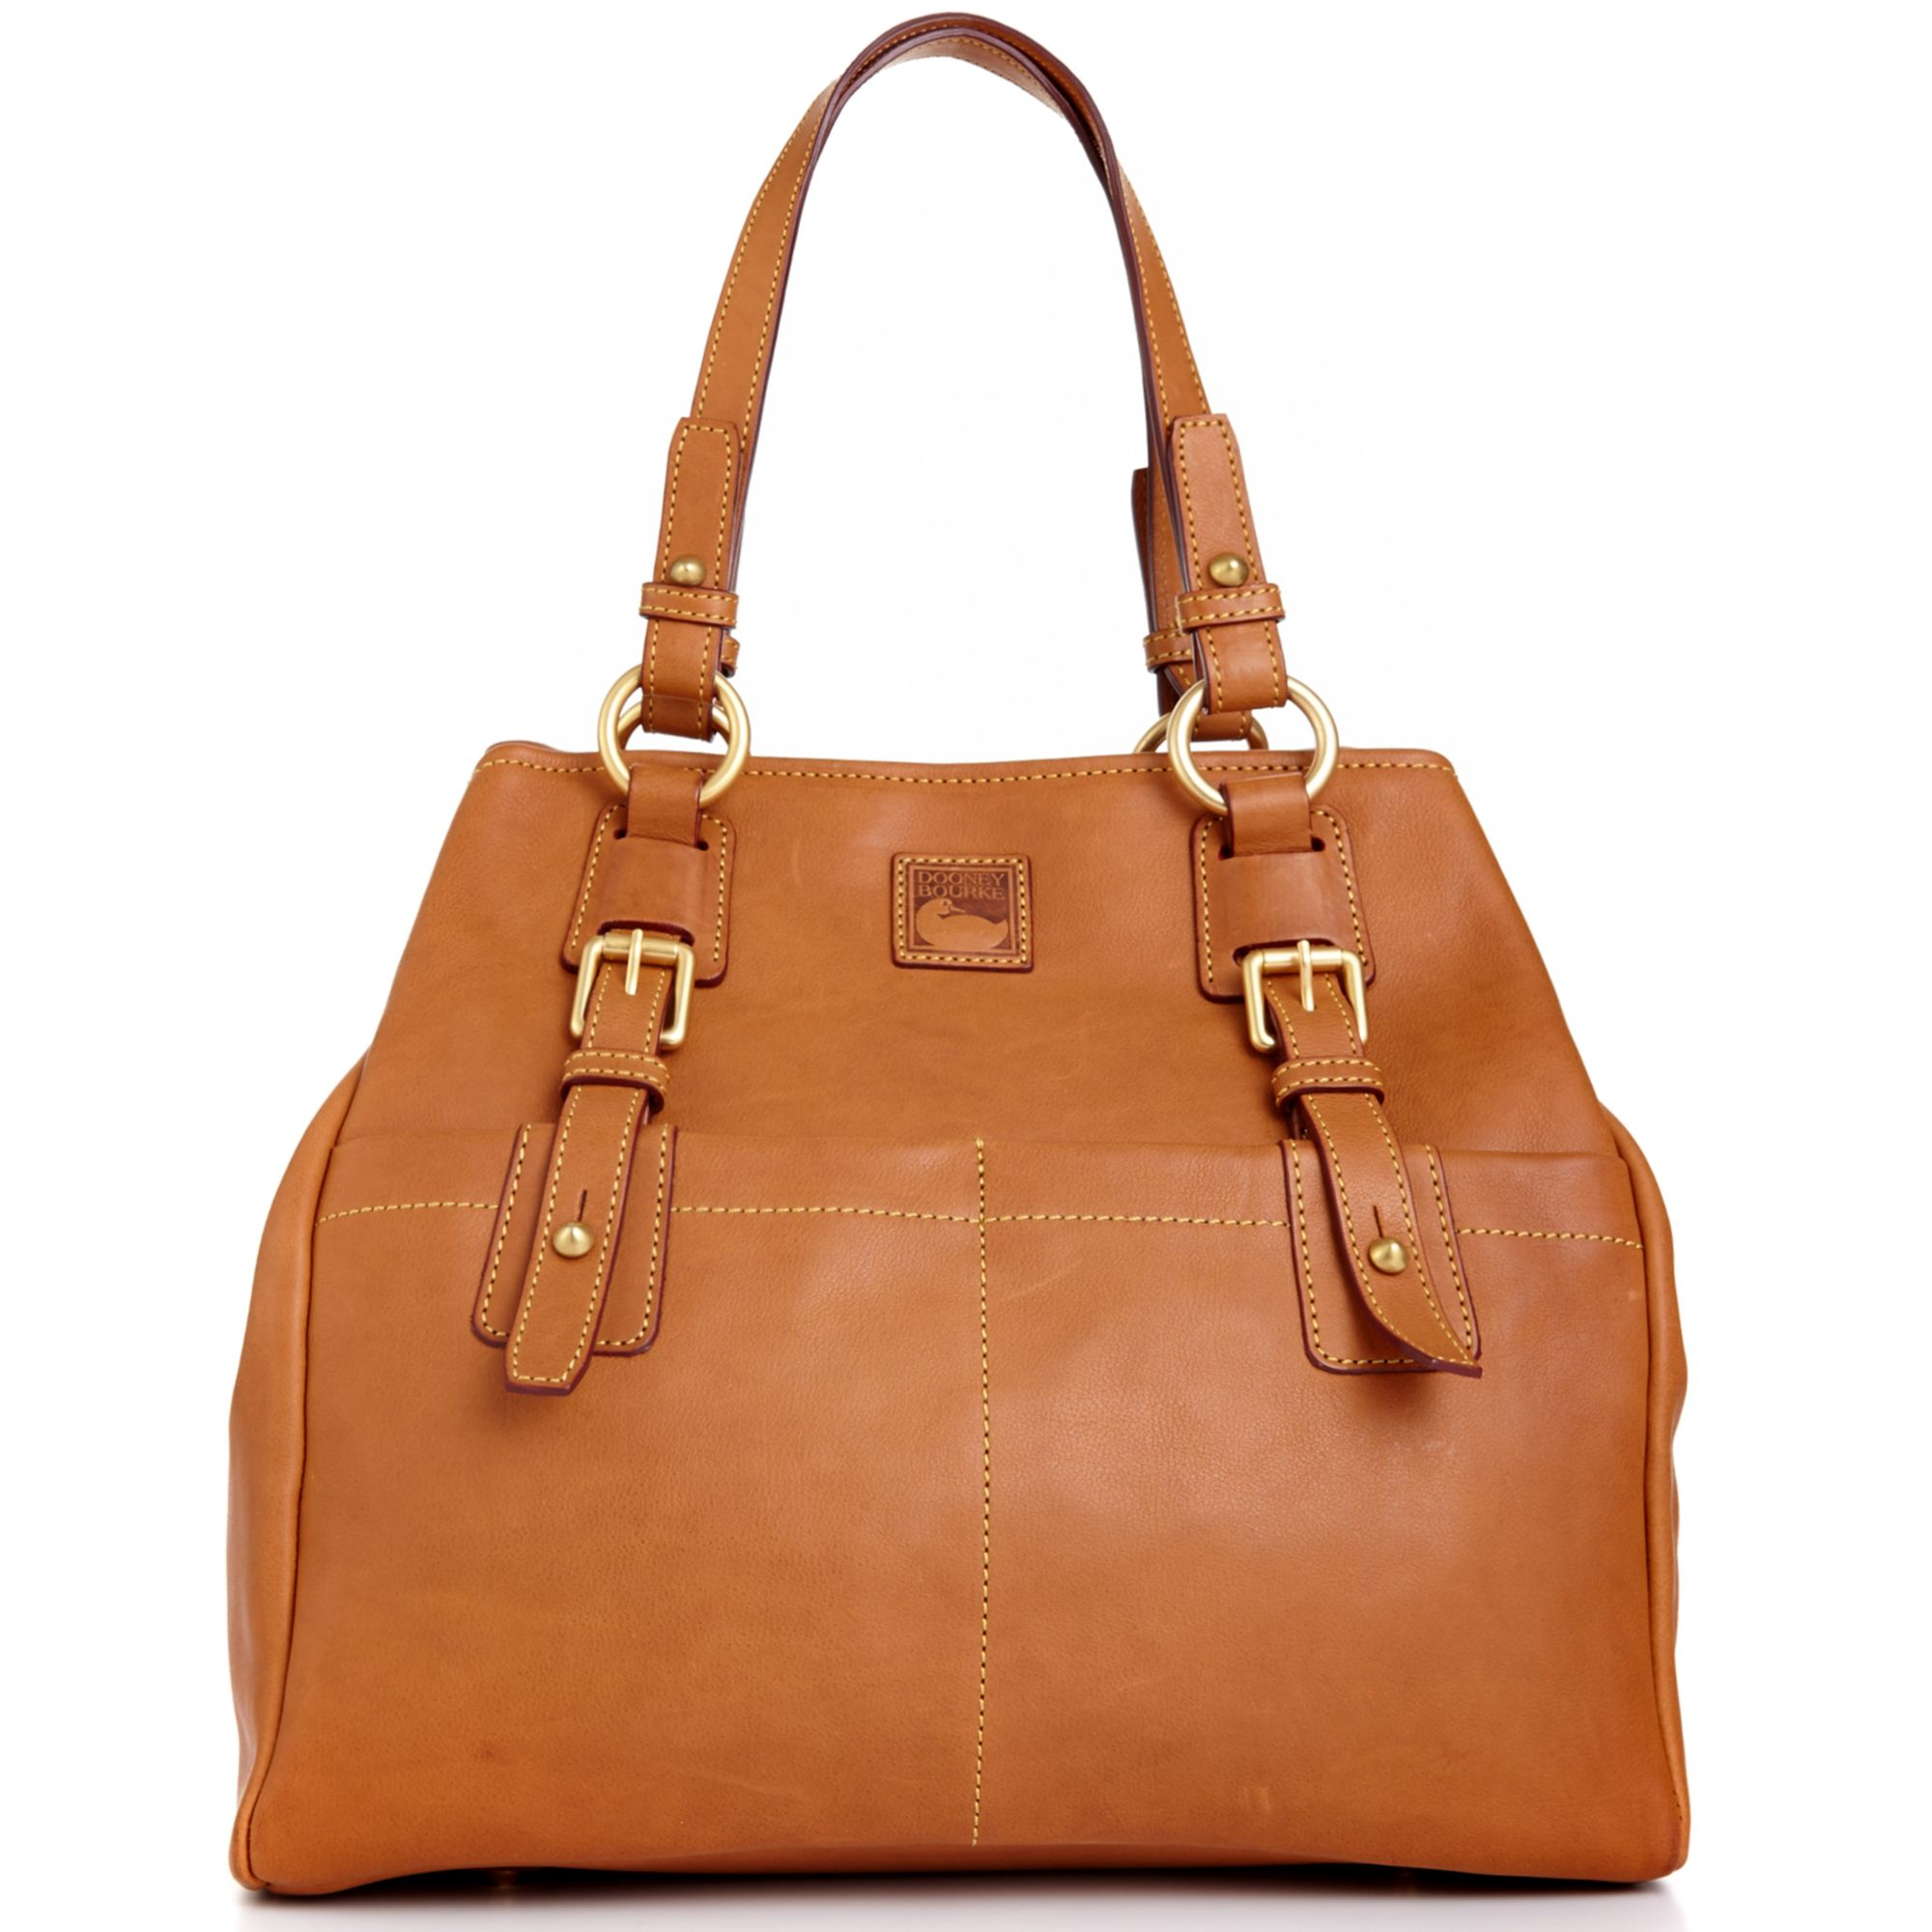 b3f0d2d92b0 Dooney & Bourke Brown Large Convertible Shopper